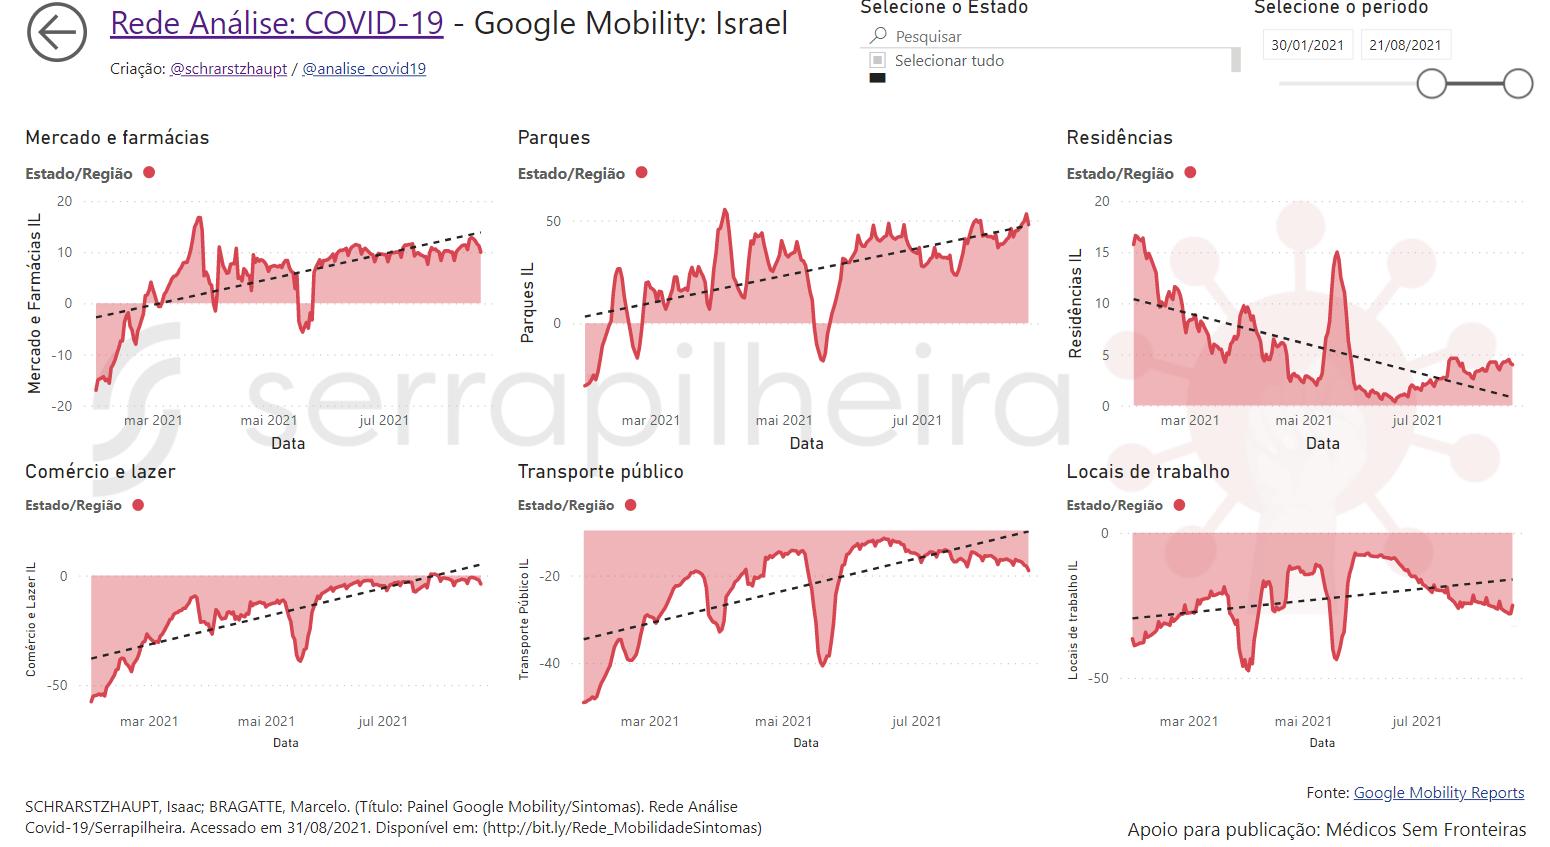 situação de mobilidade de Israel